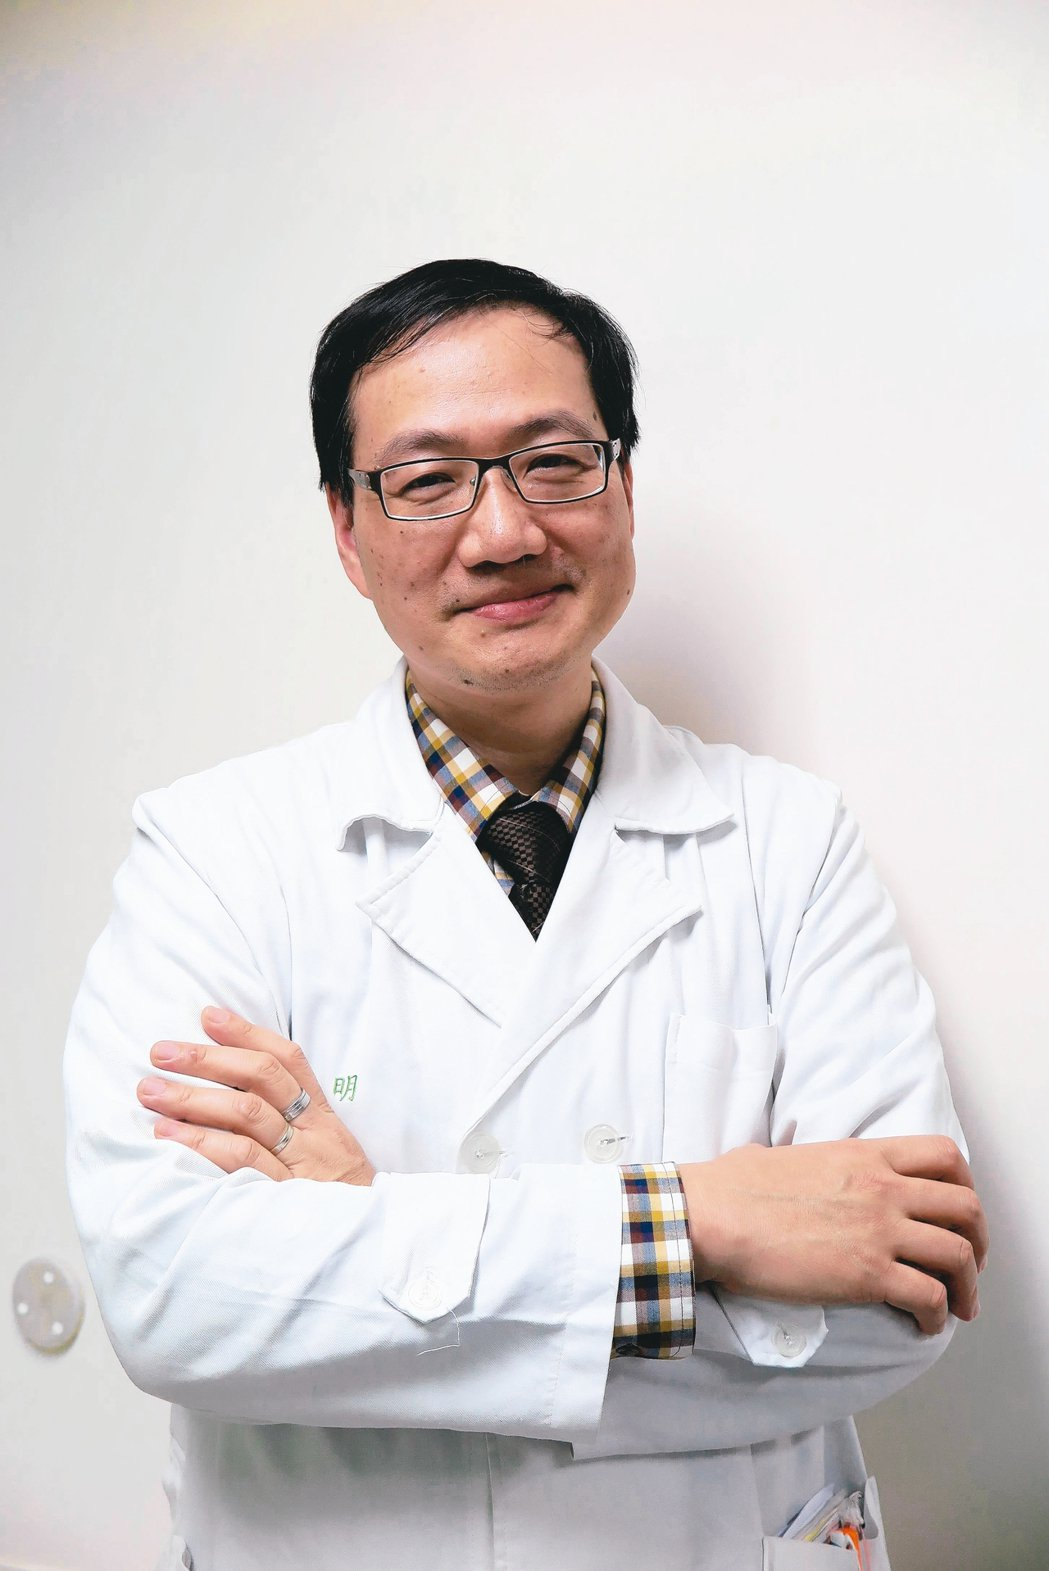 中華民國血液暨骨髓移植學會理事長姚明醫師。 劉靜君/攝影